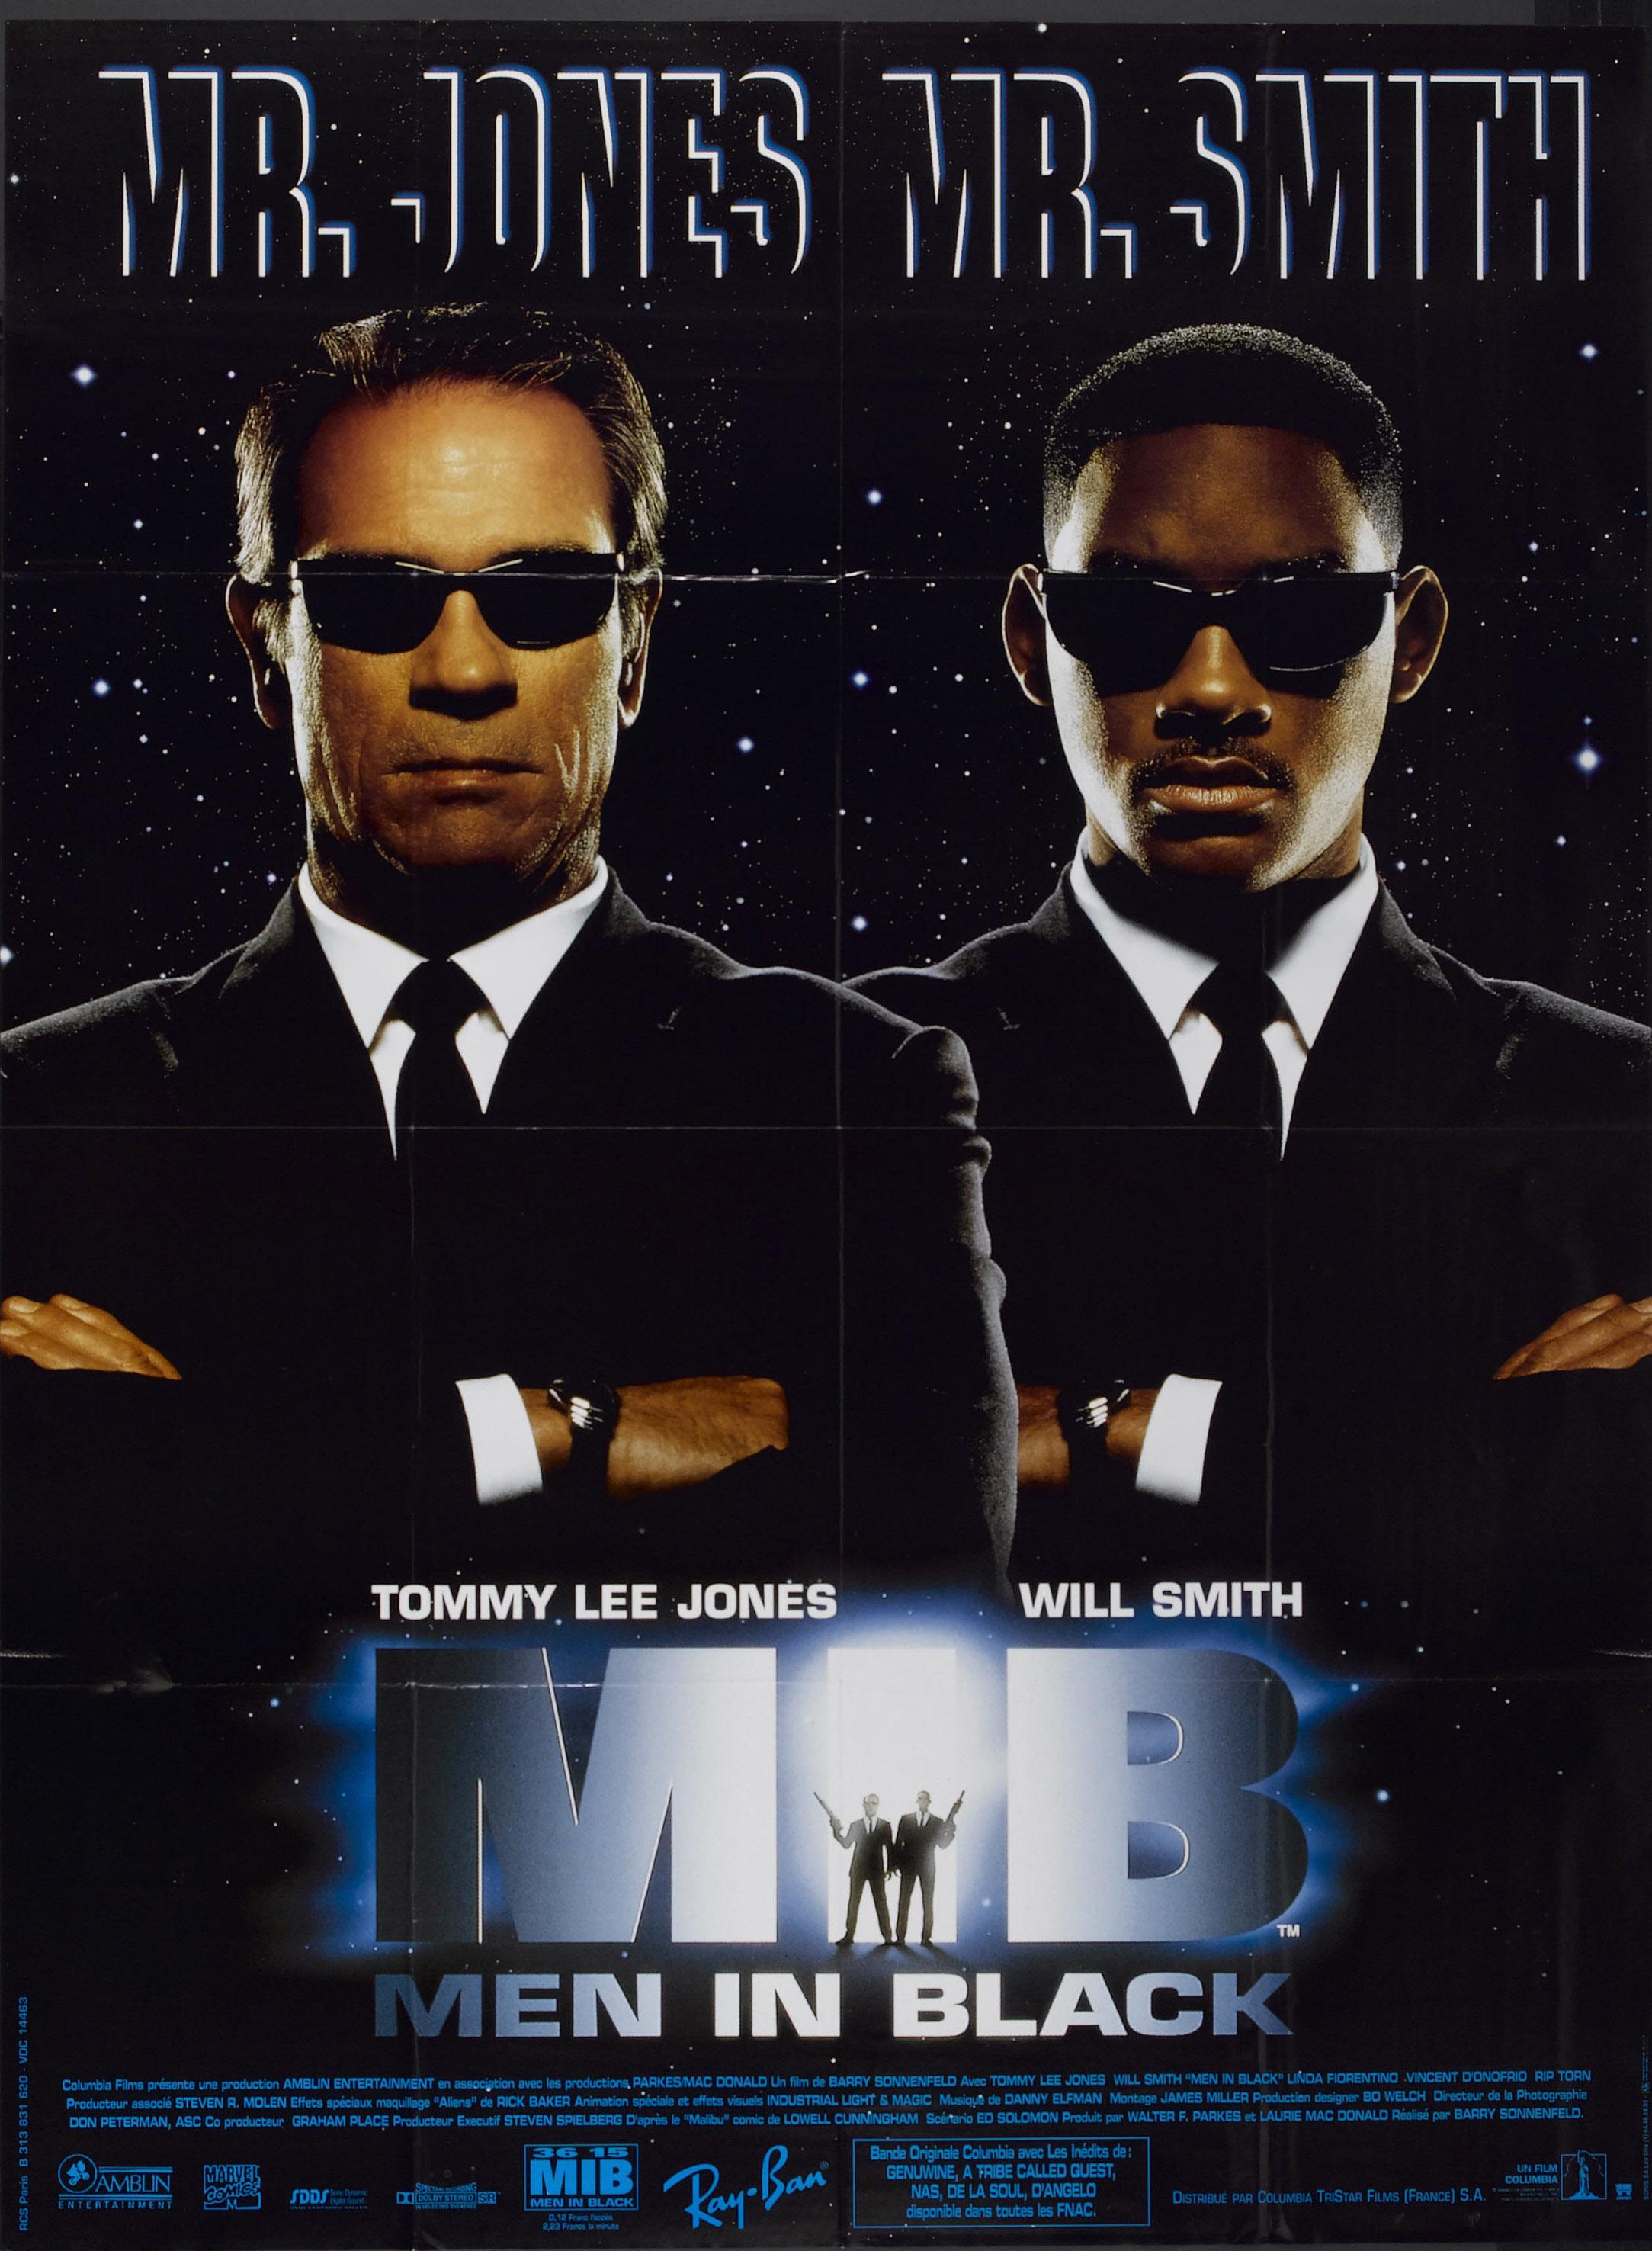 Men in Black (film, 1997)